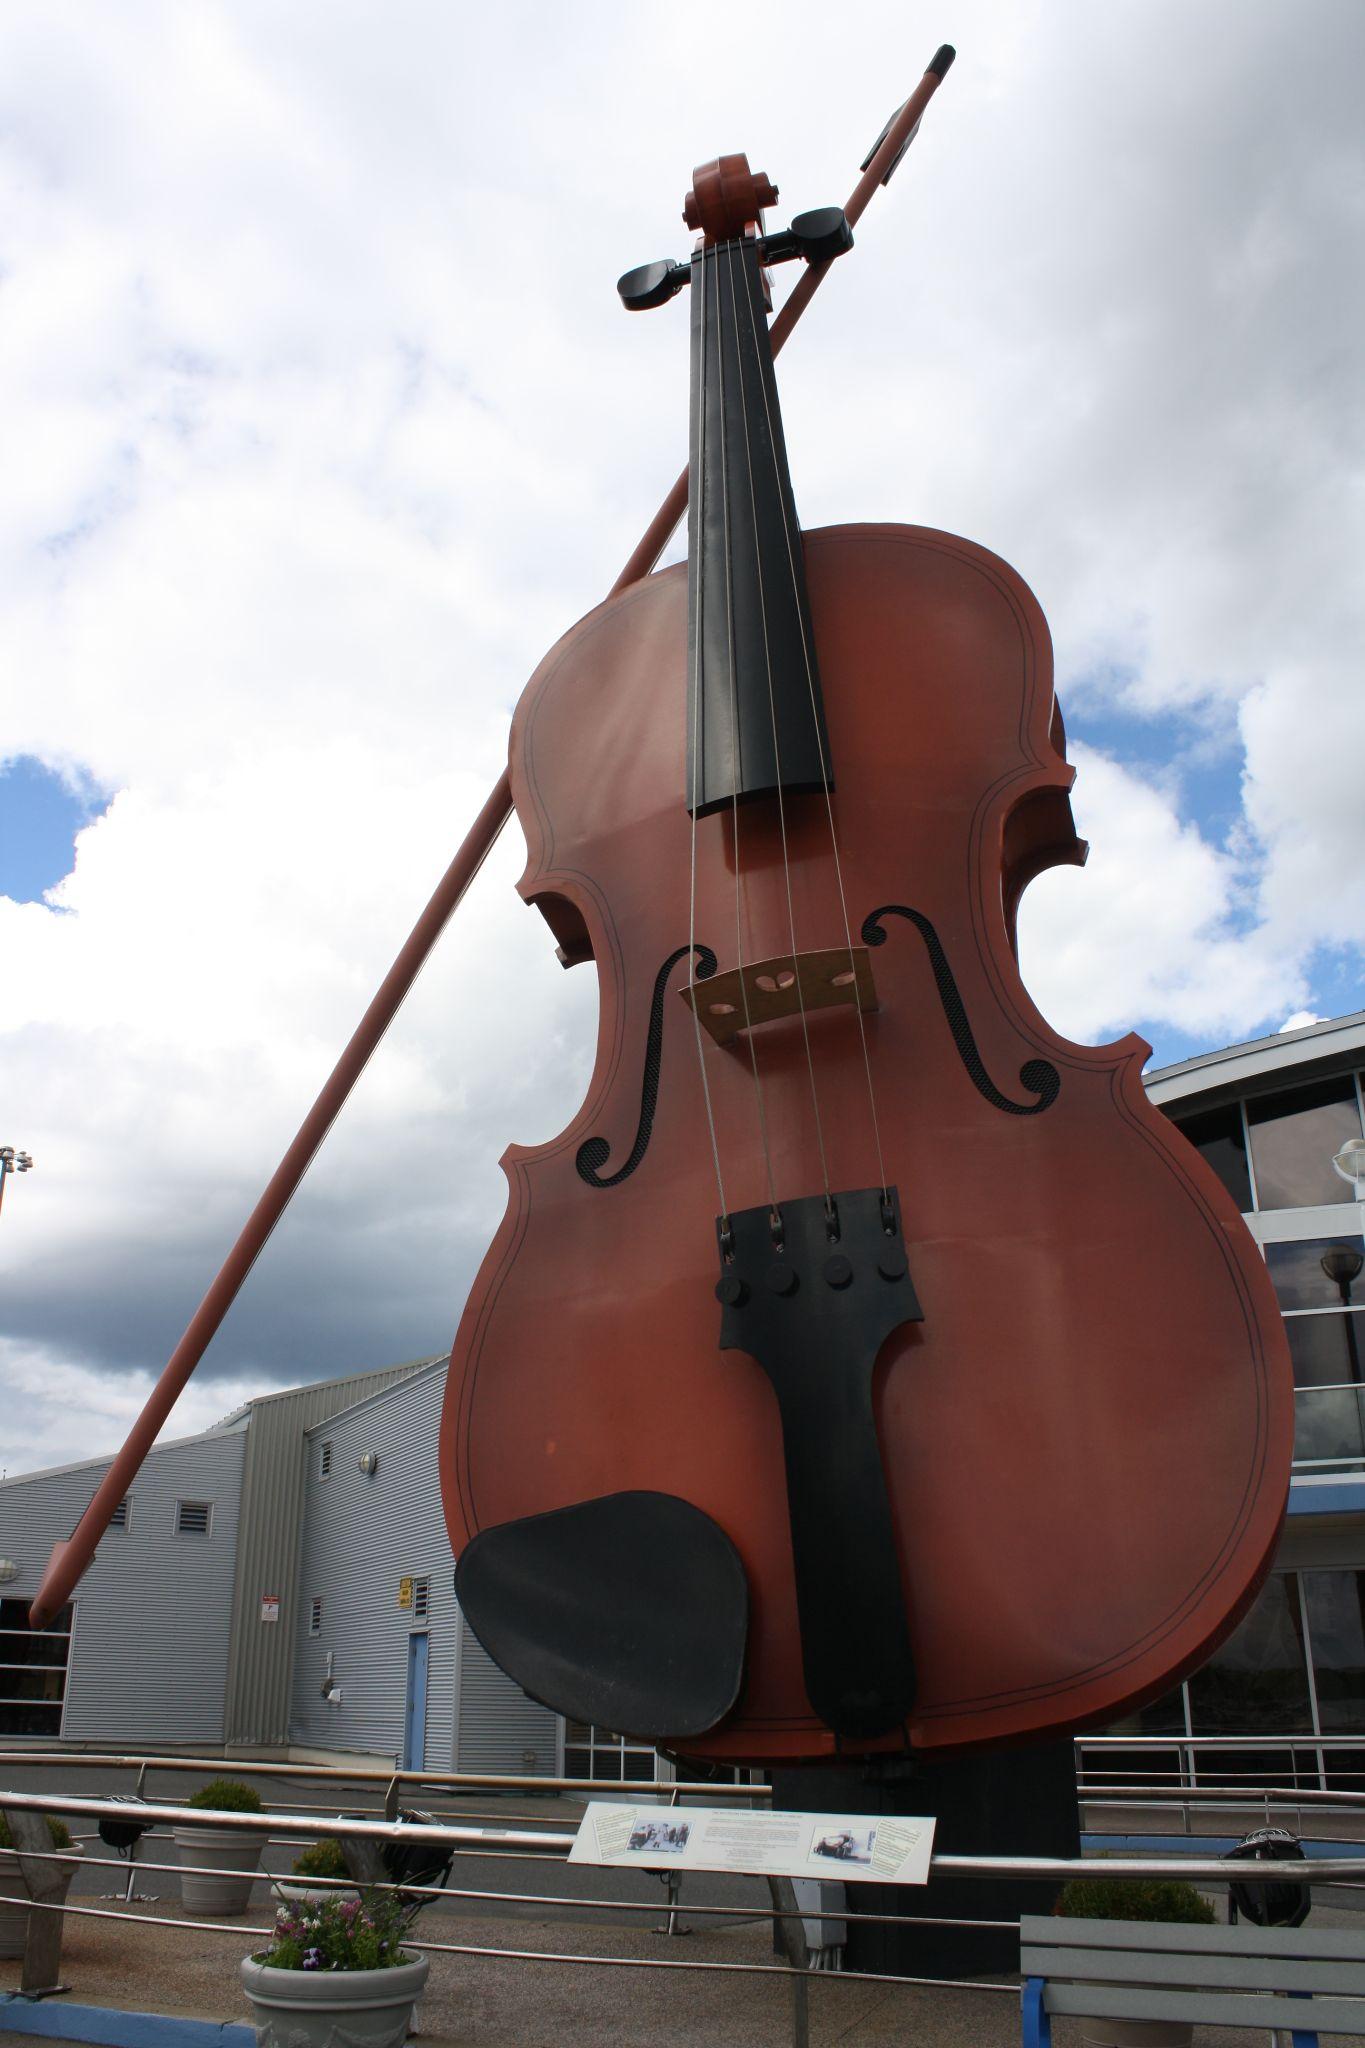 Fiddle by Hugh O'Flynn